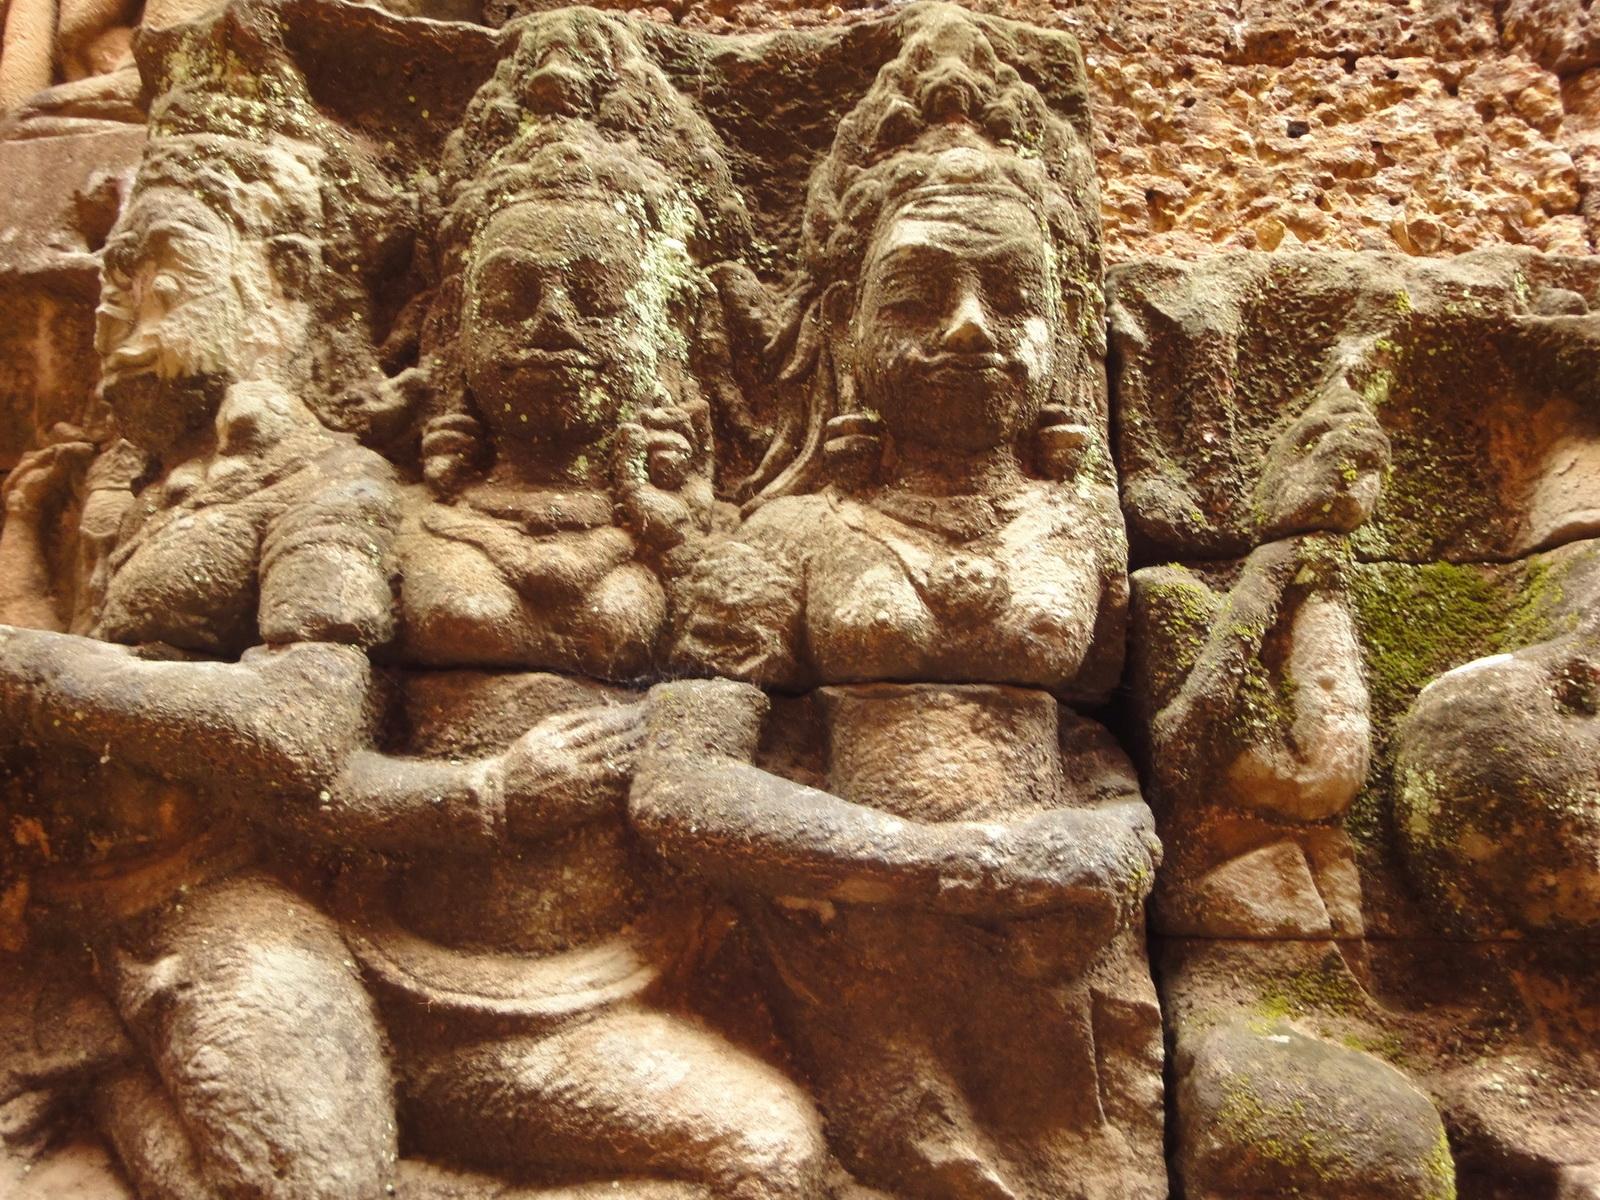 Leper King Terrace hidden wall underworld Nagas and deities 052